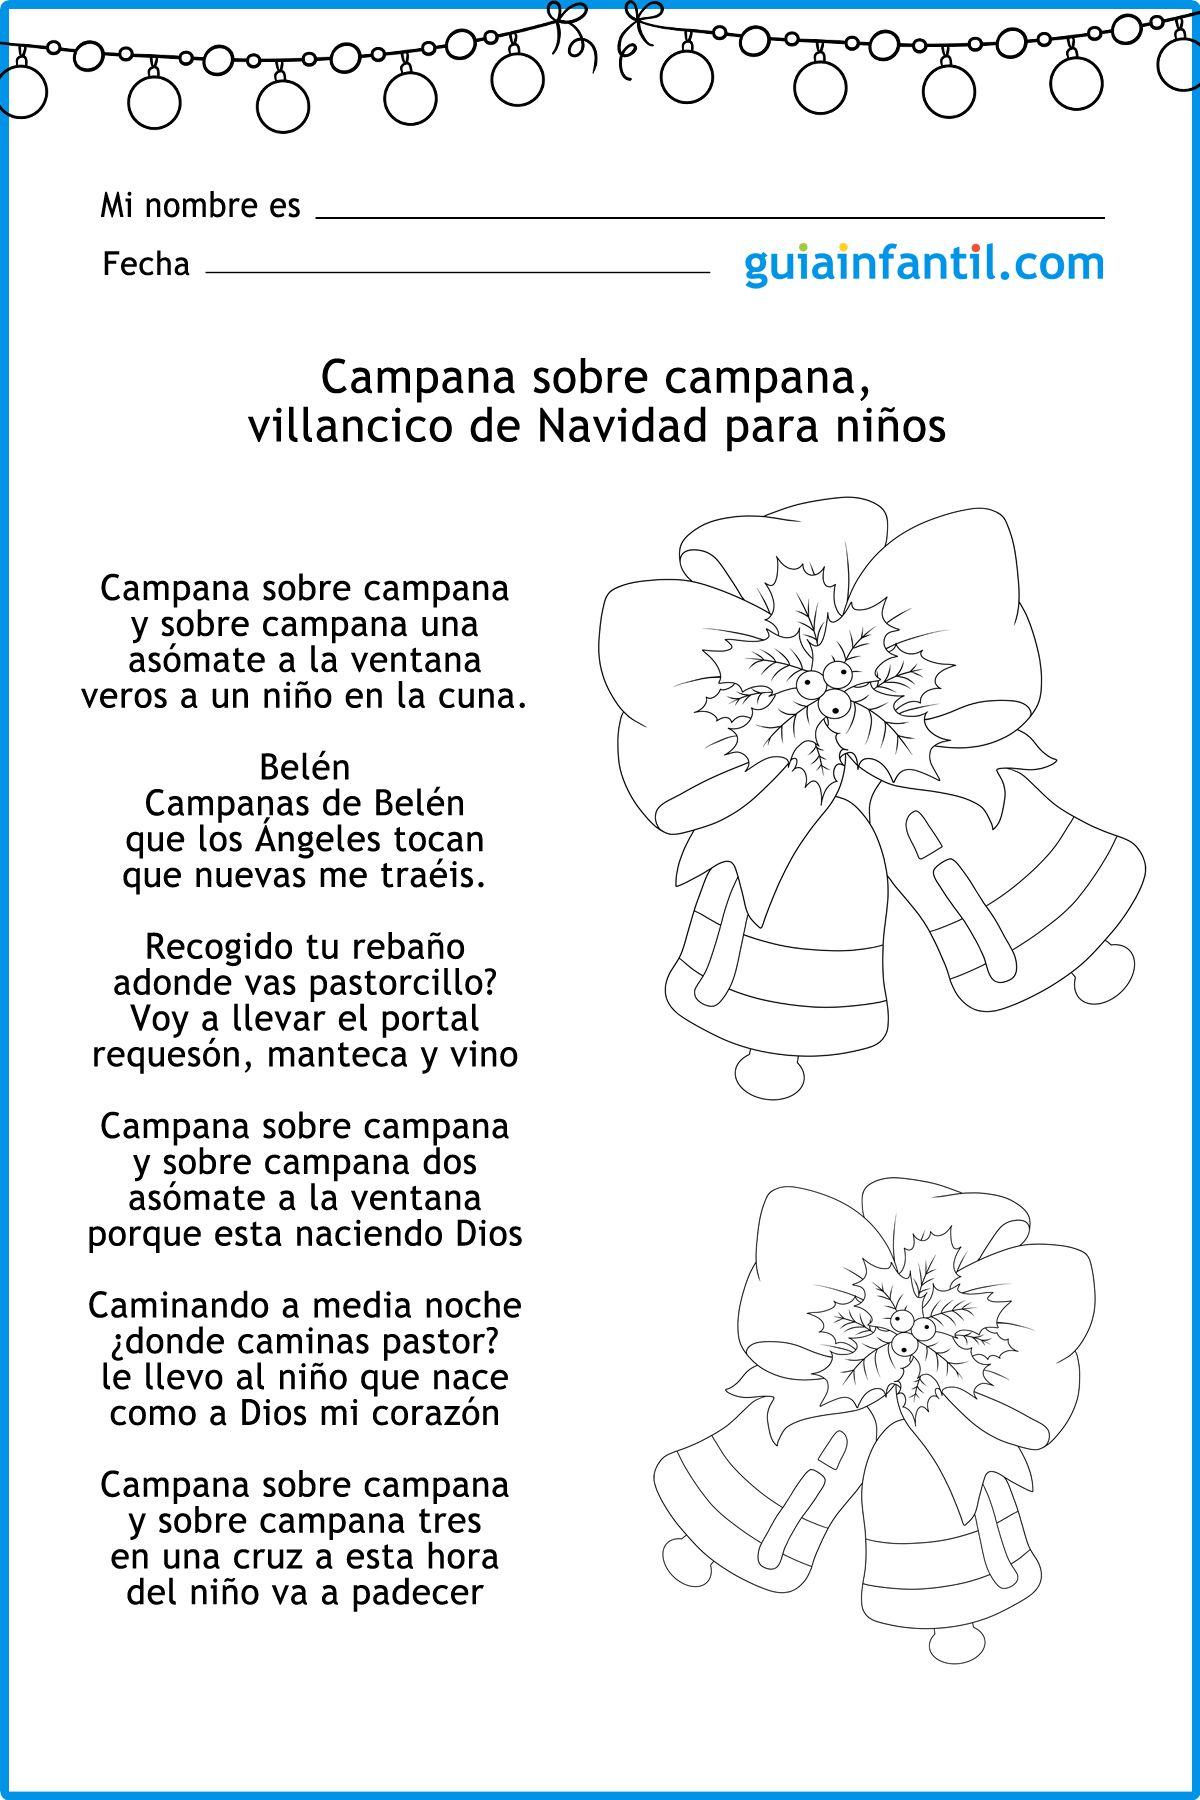 Letra Del Villancico Campana Sobre Campana Villancico De Las Campanas Villancico Cancion De Navidad